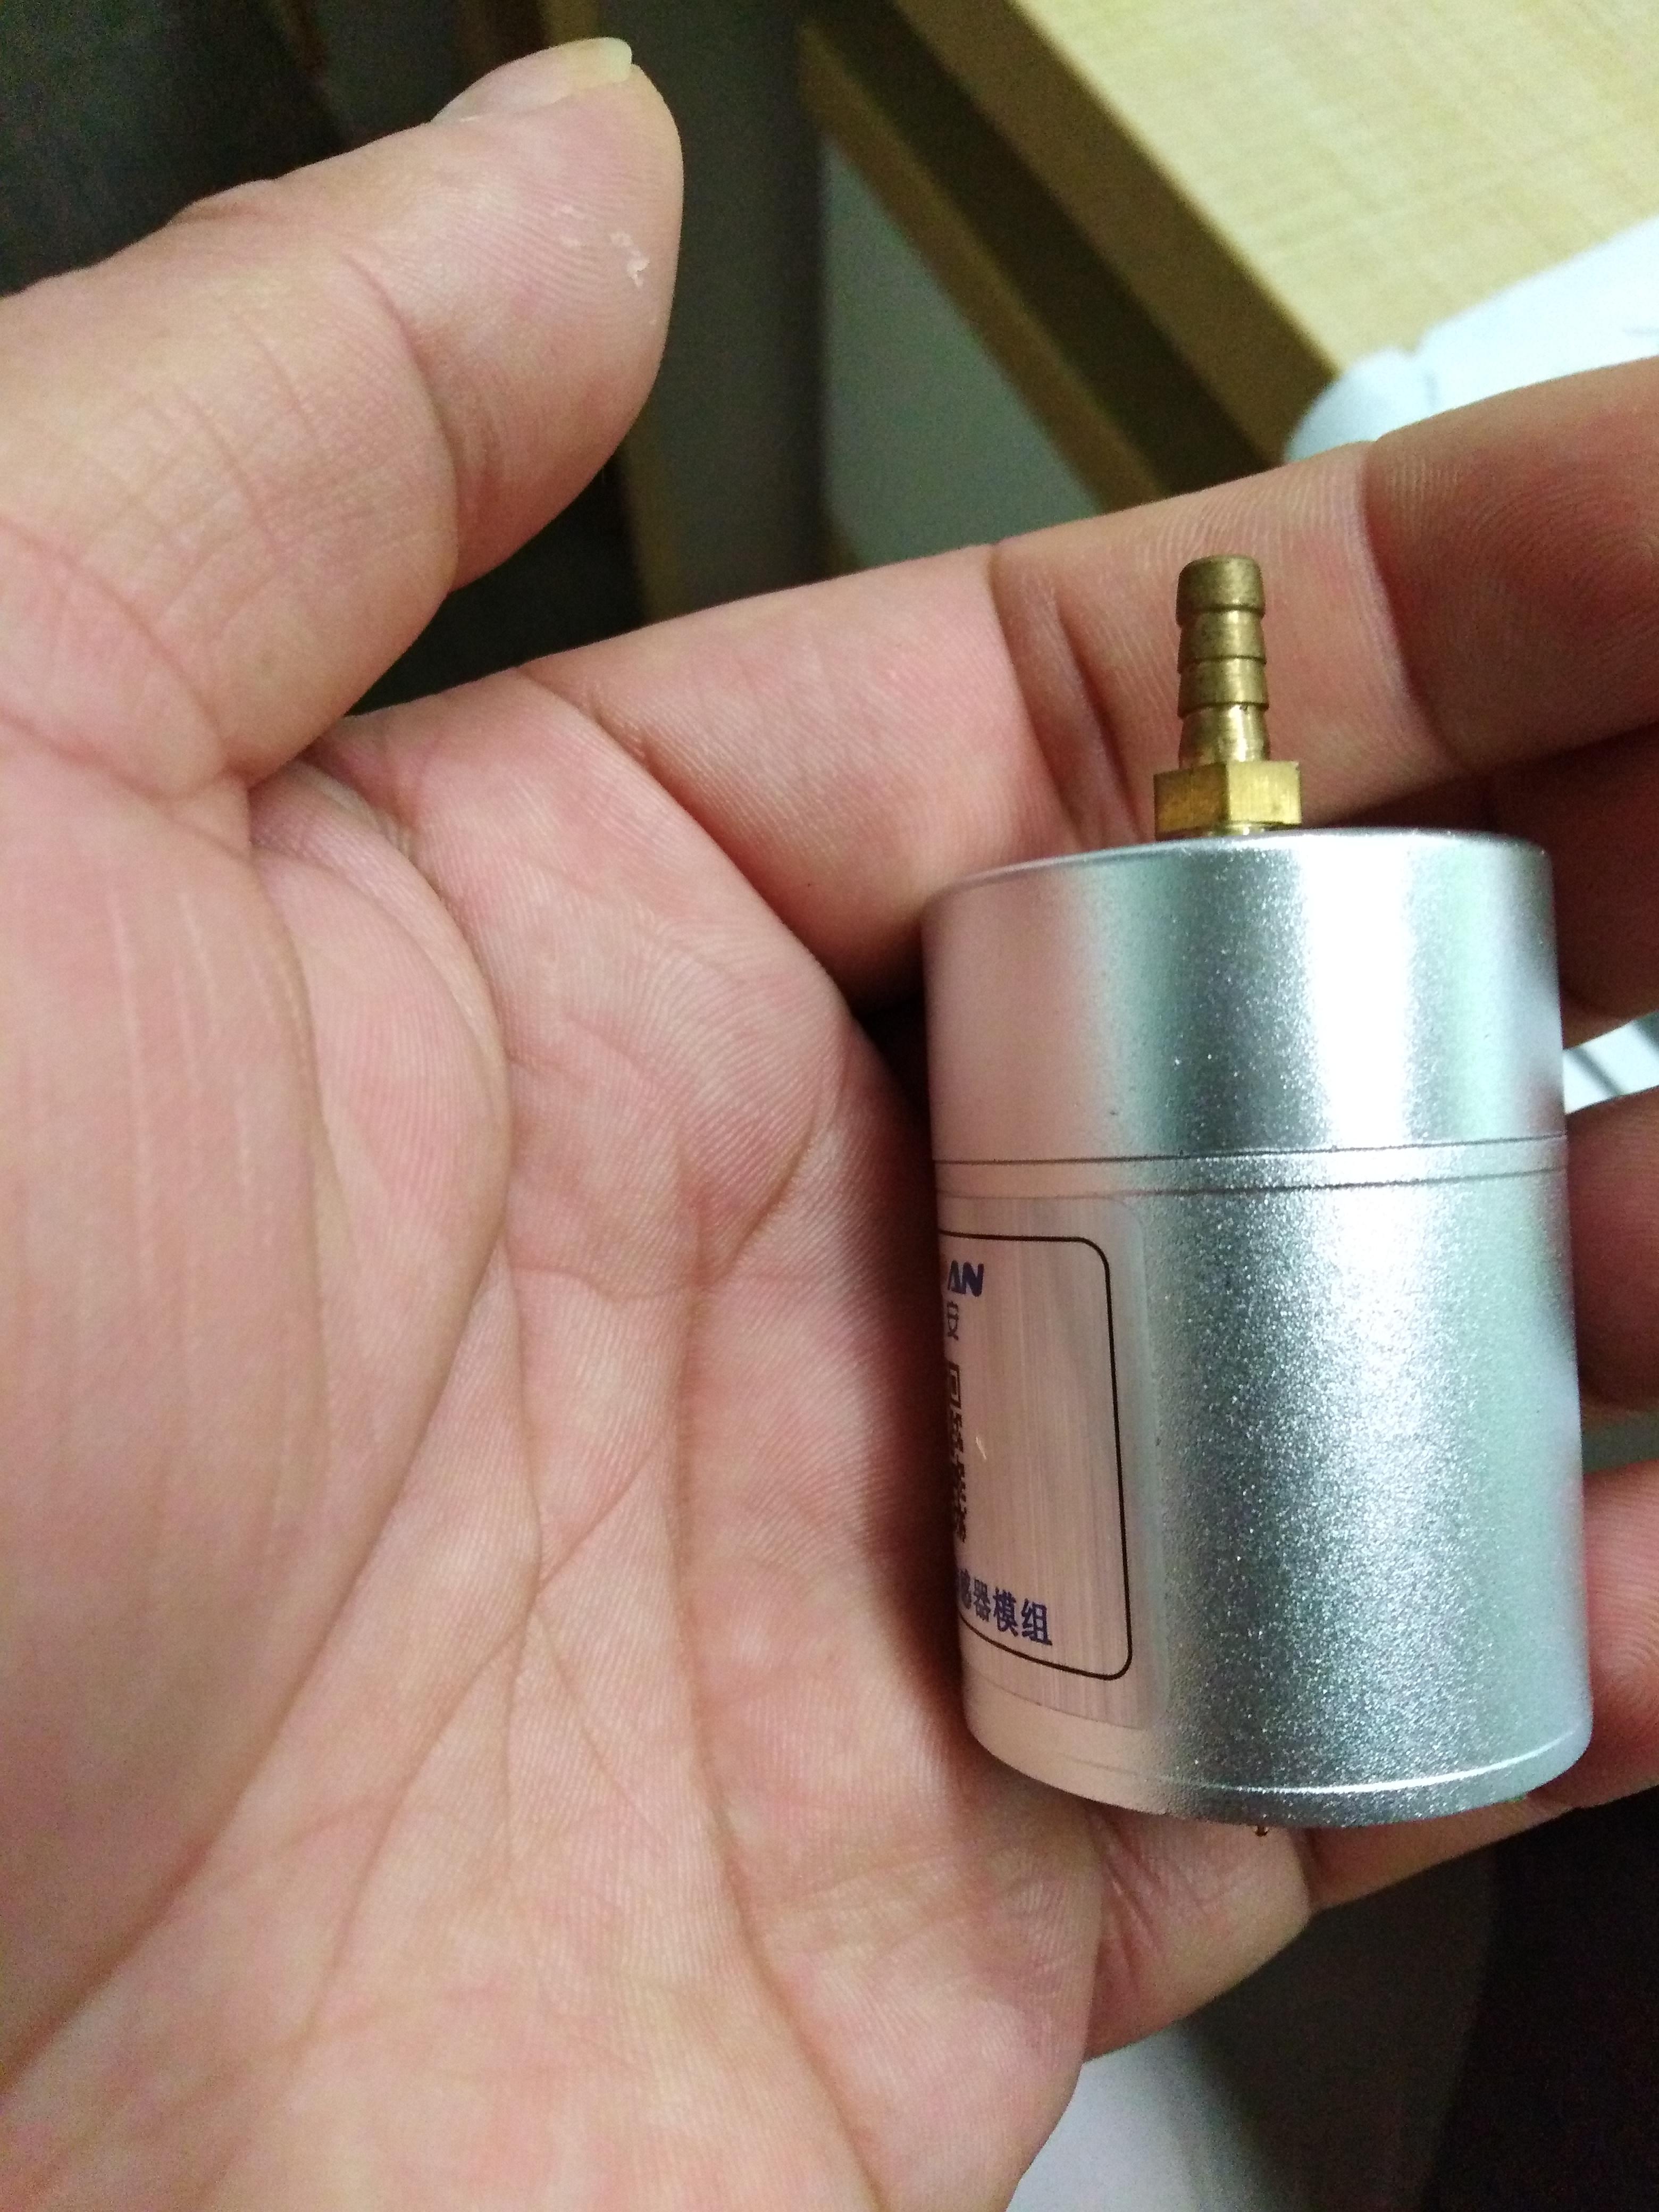 2020年新款消毒机器人专用氯气传感器模块最新氯气集成模块